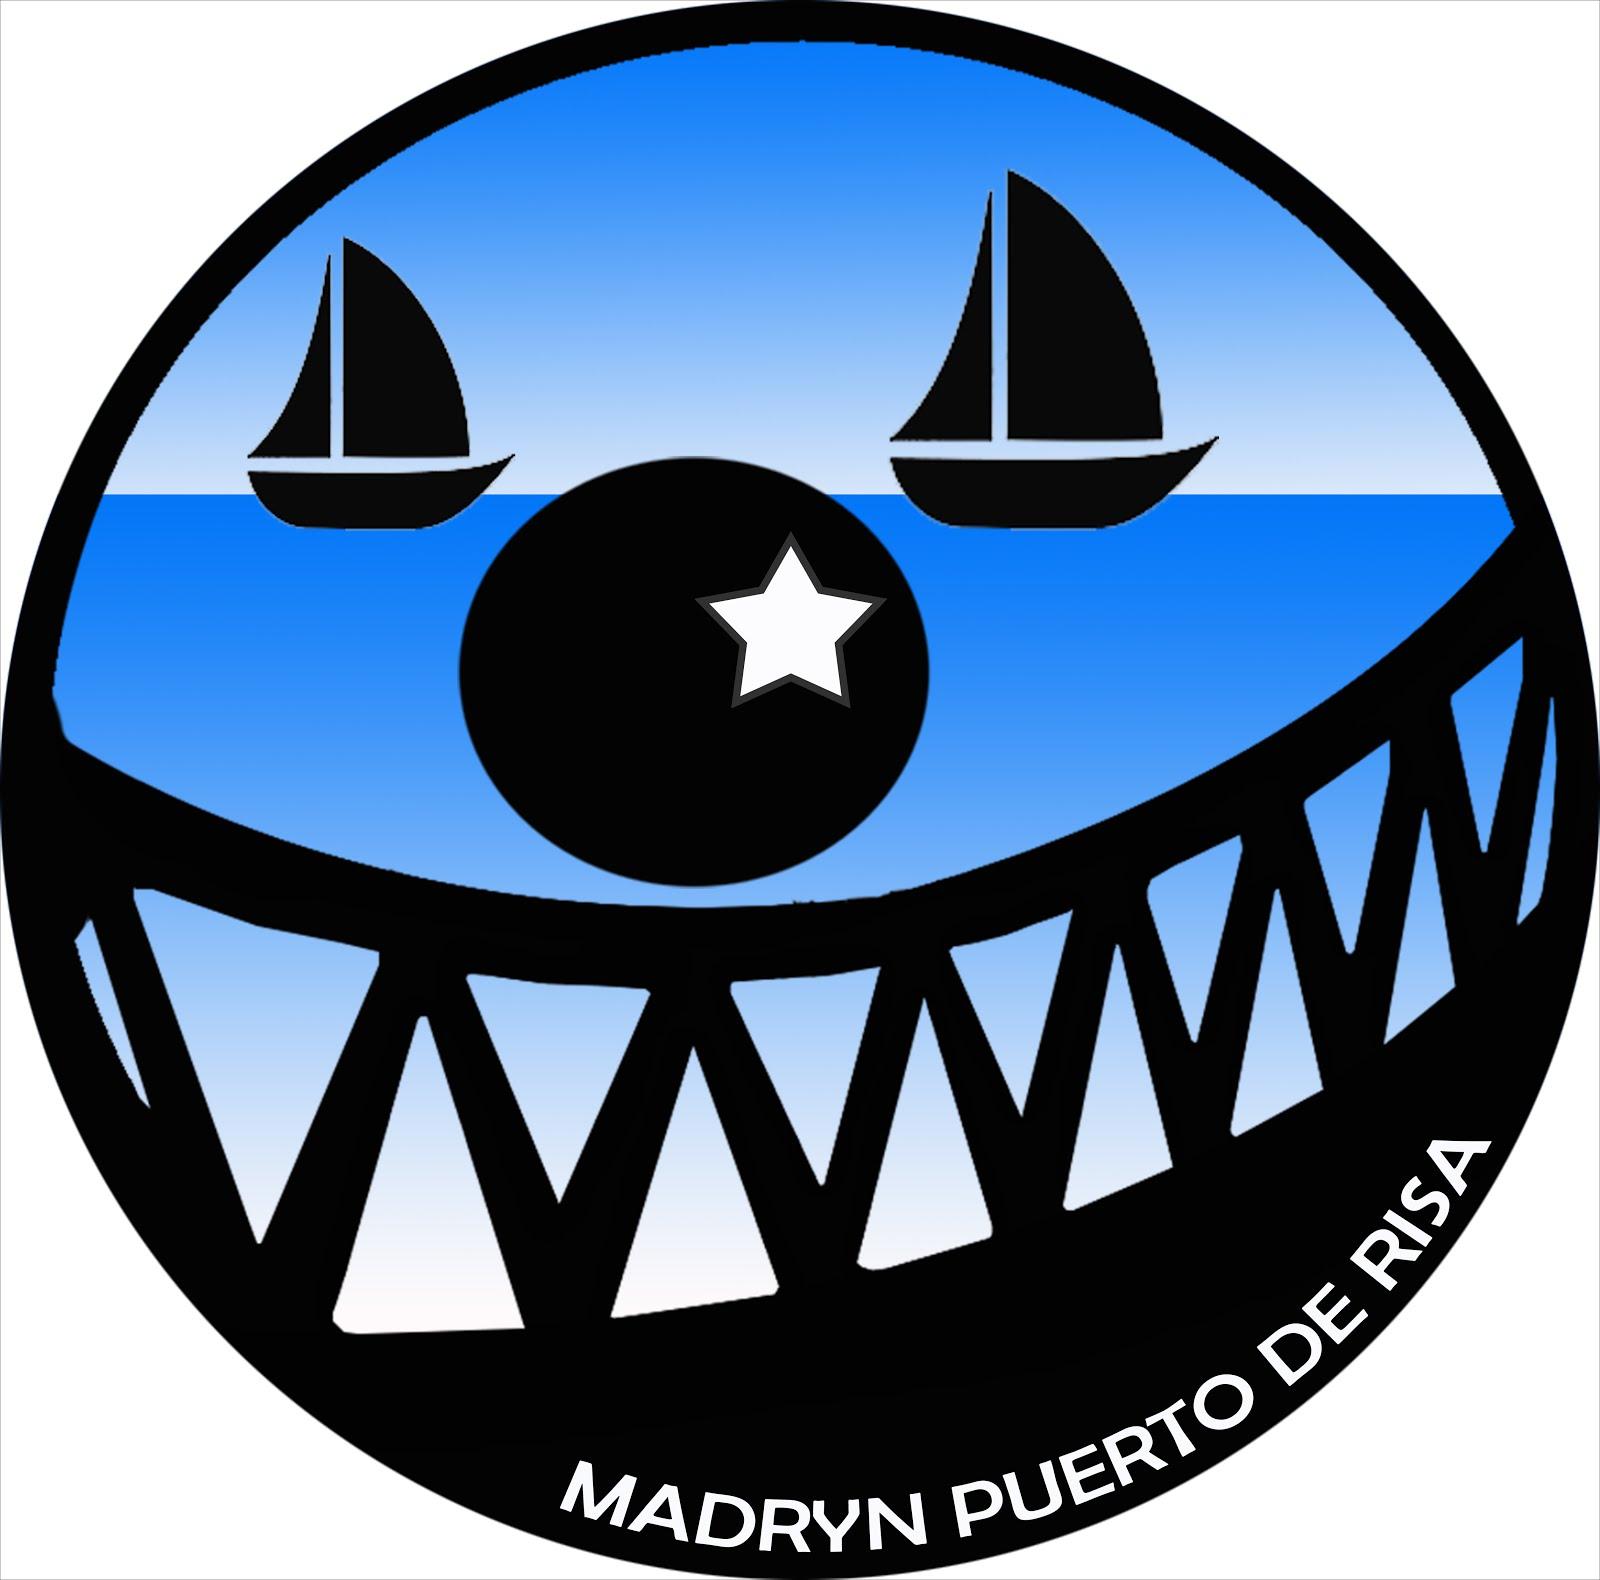 Madryn Puerto de RISA